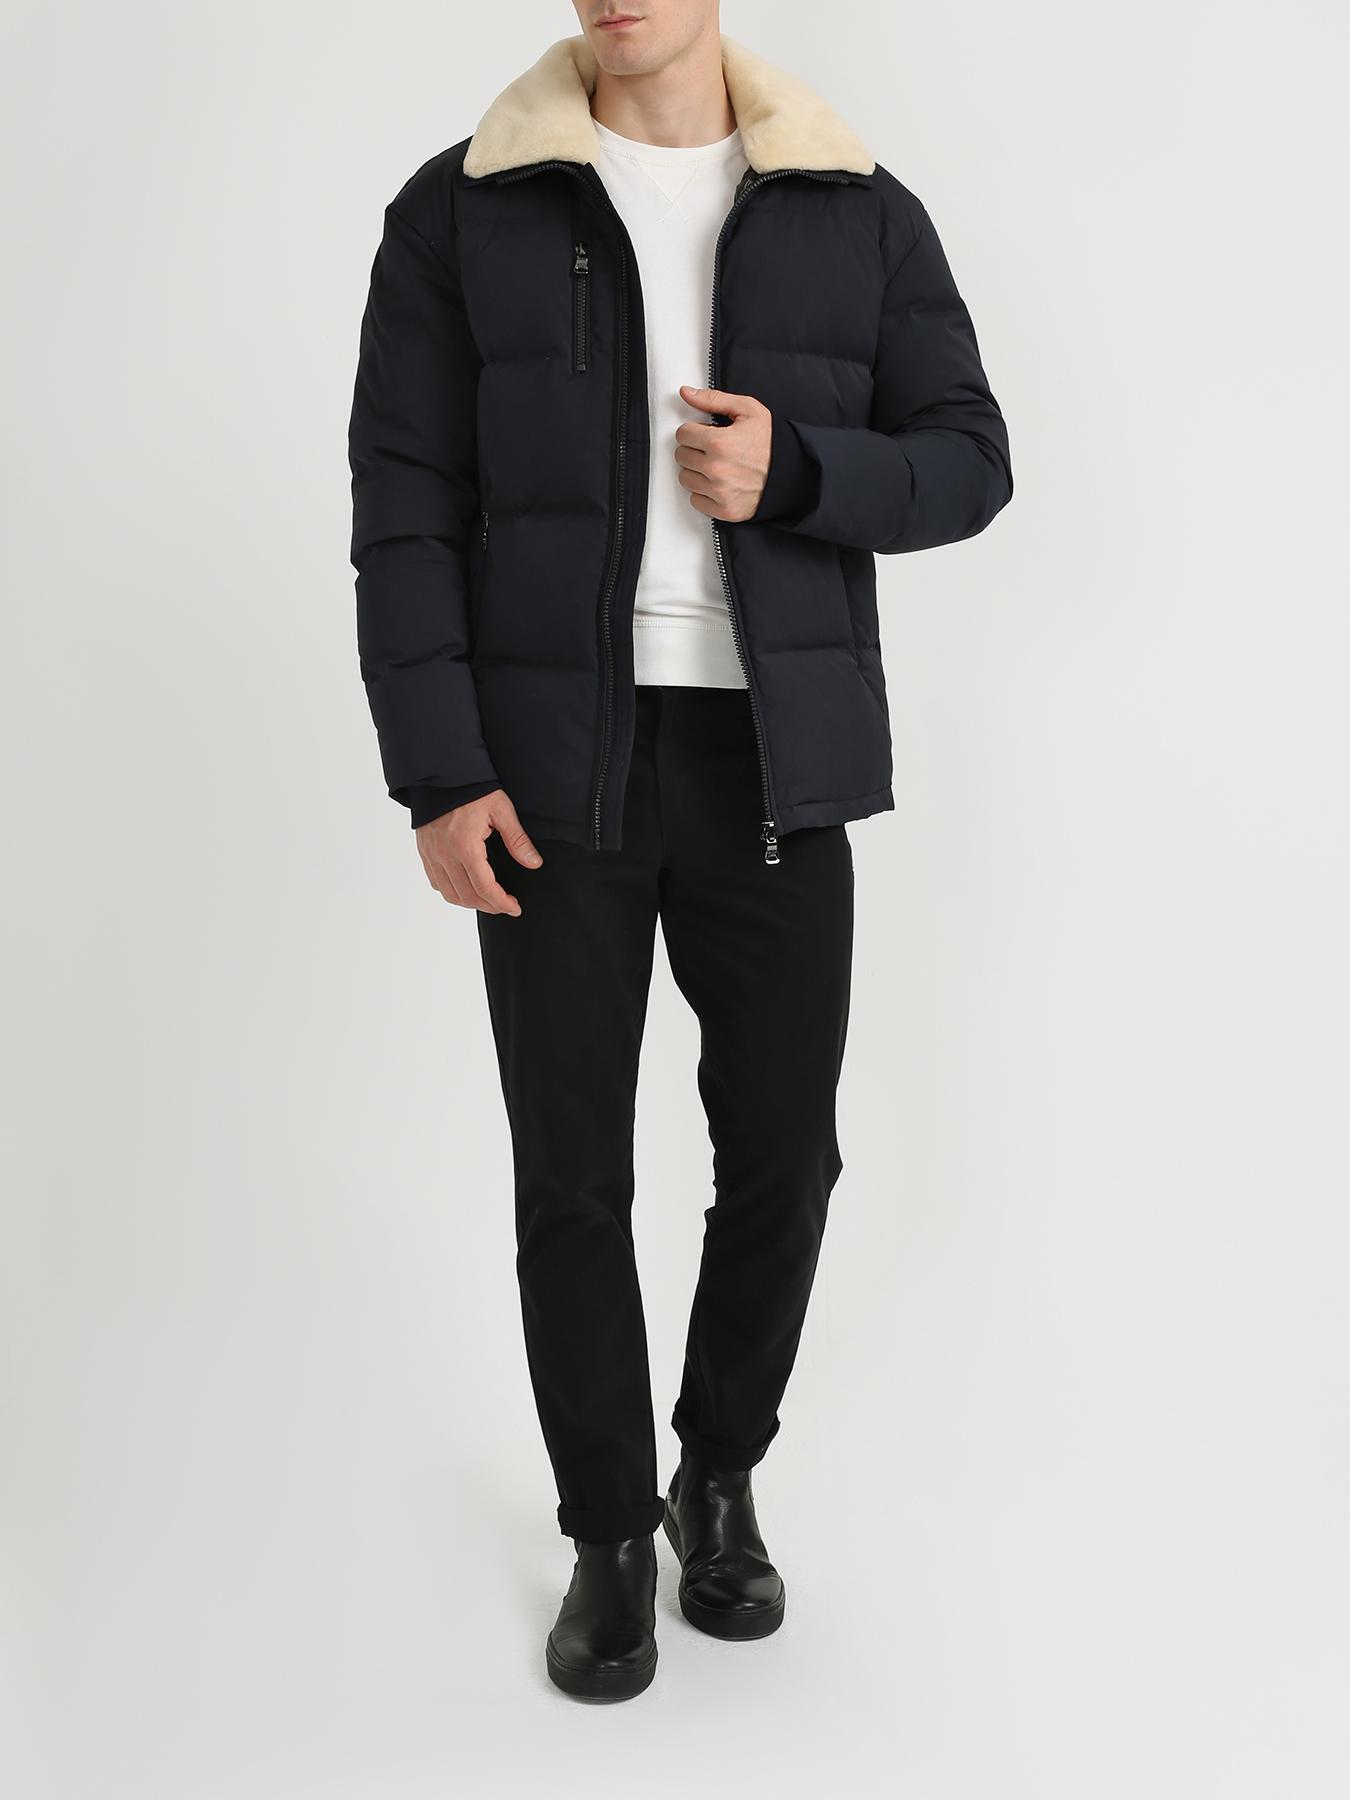 Куртка Korpo Two Куртка со съемным воротником